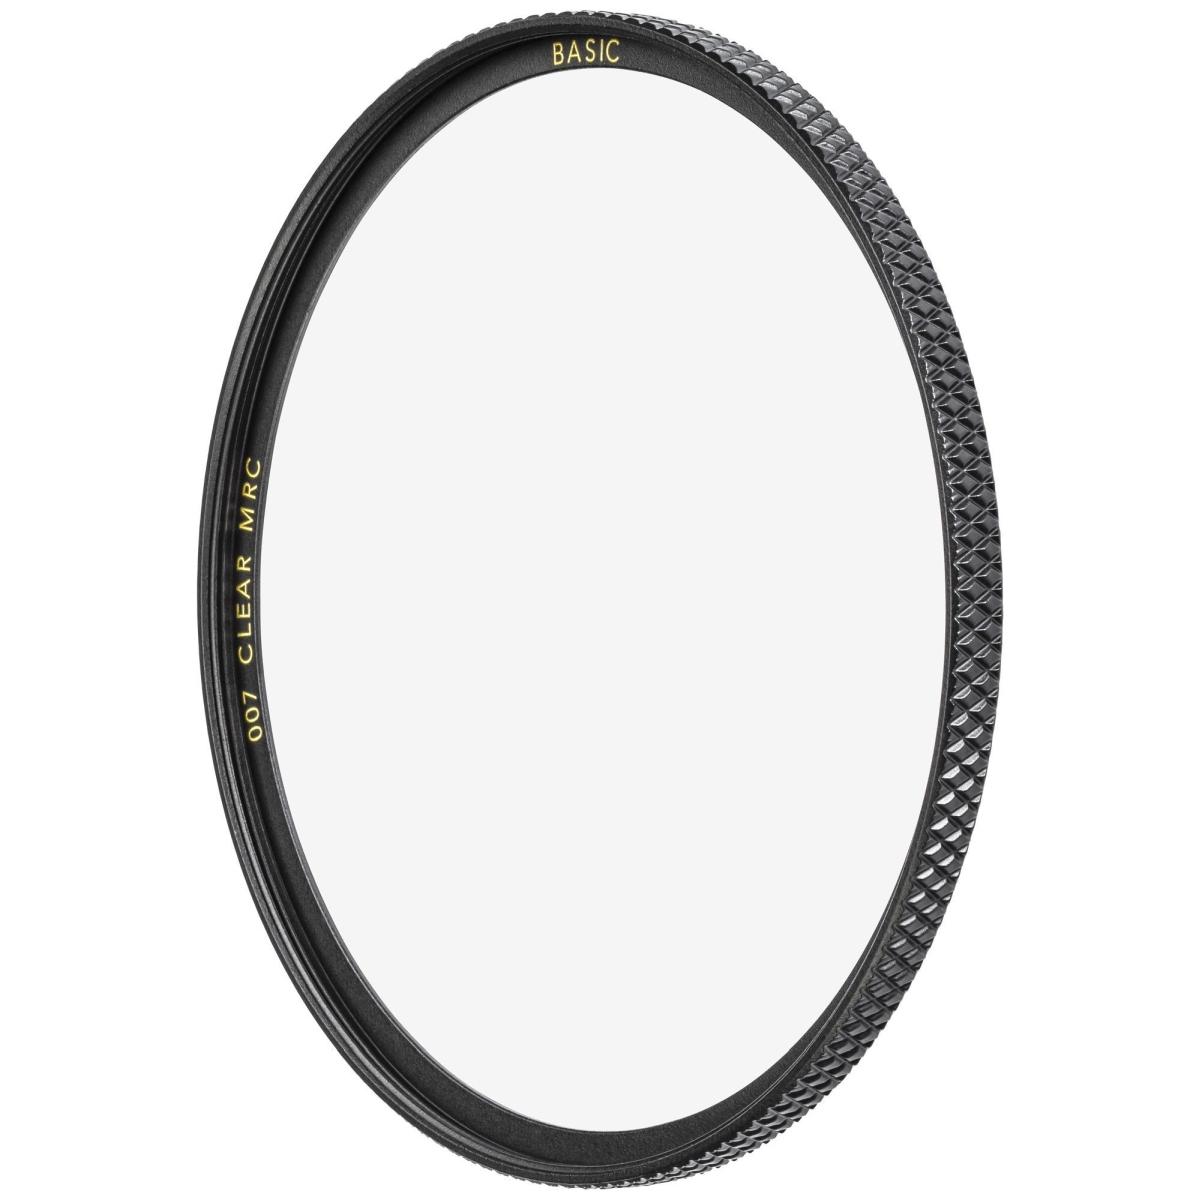 B+W Clear Filter 52 mm MRC Basic